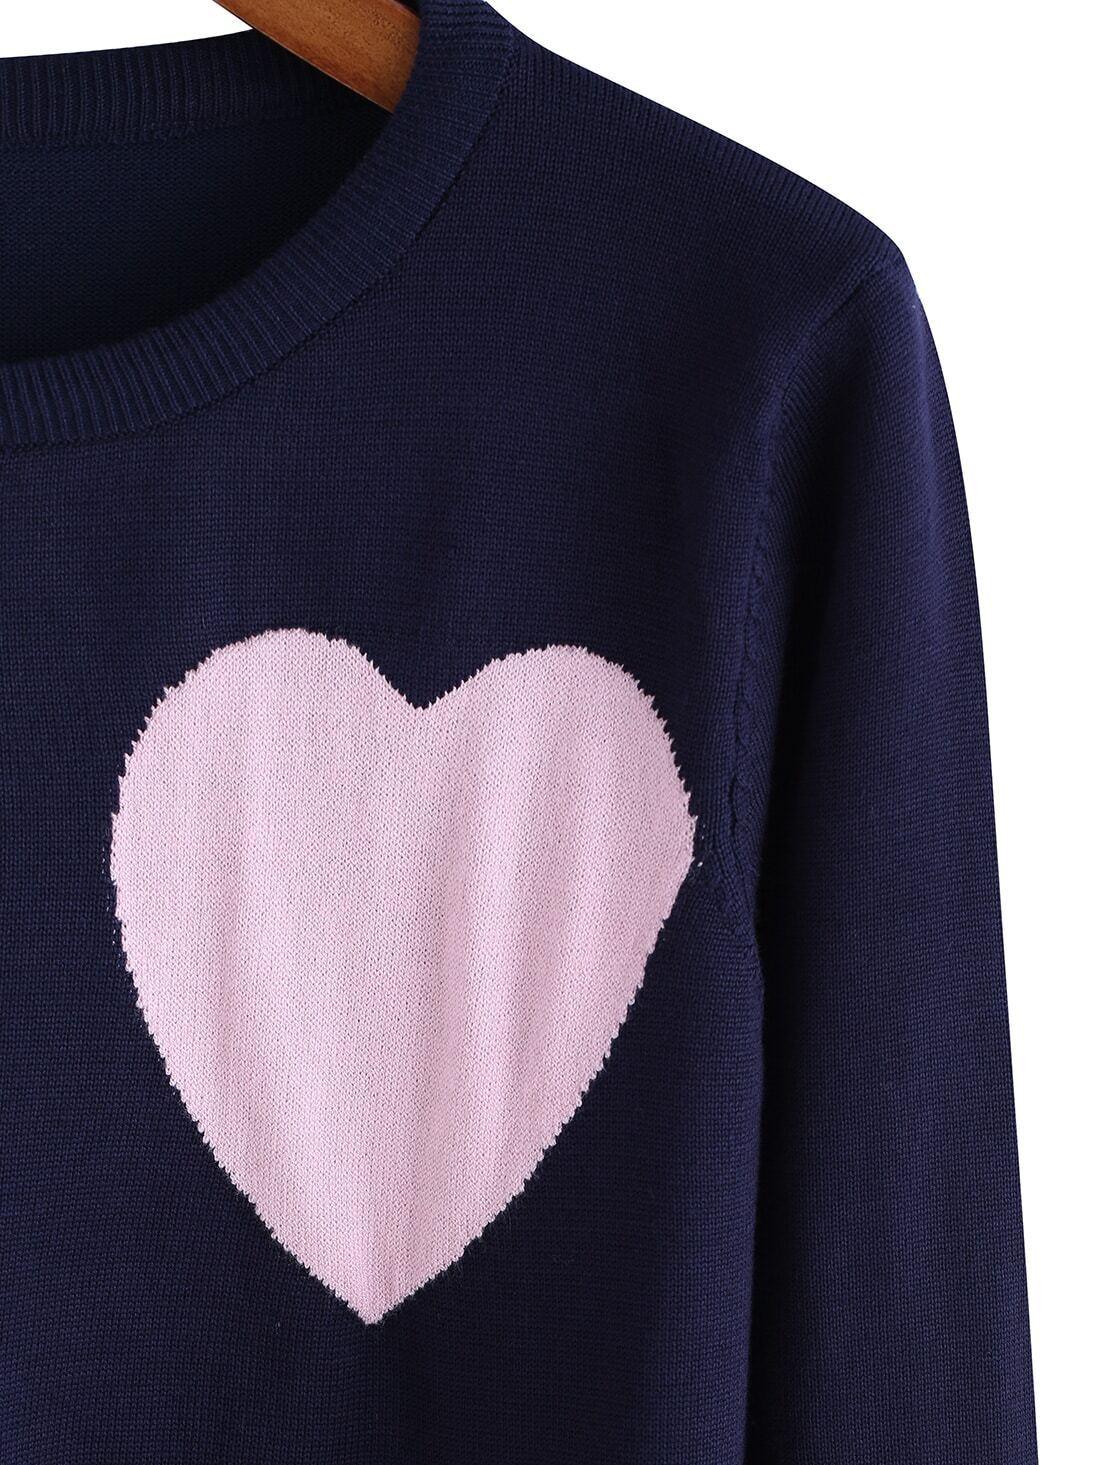 Blue Round Neck Heart Pattern Knit Sweater -SheIn(Sheinside)